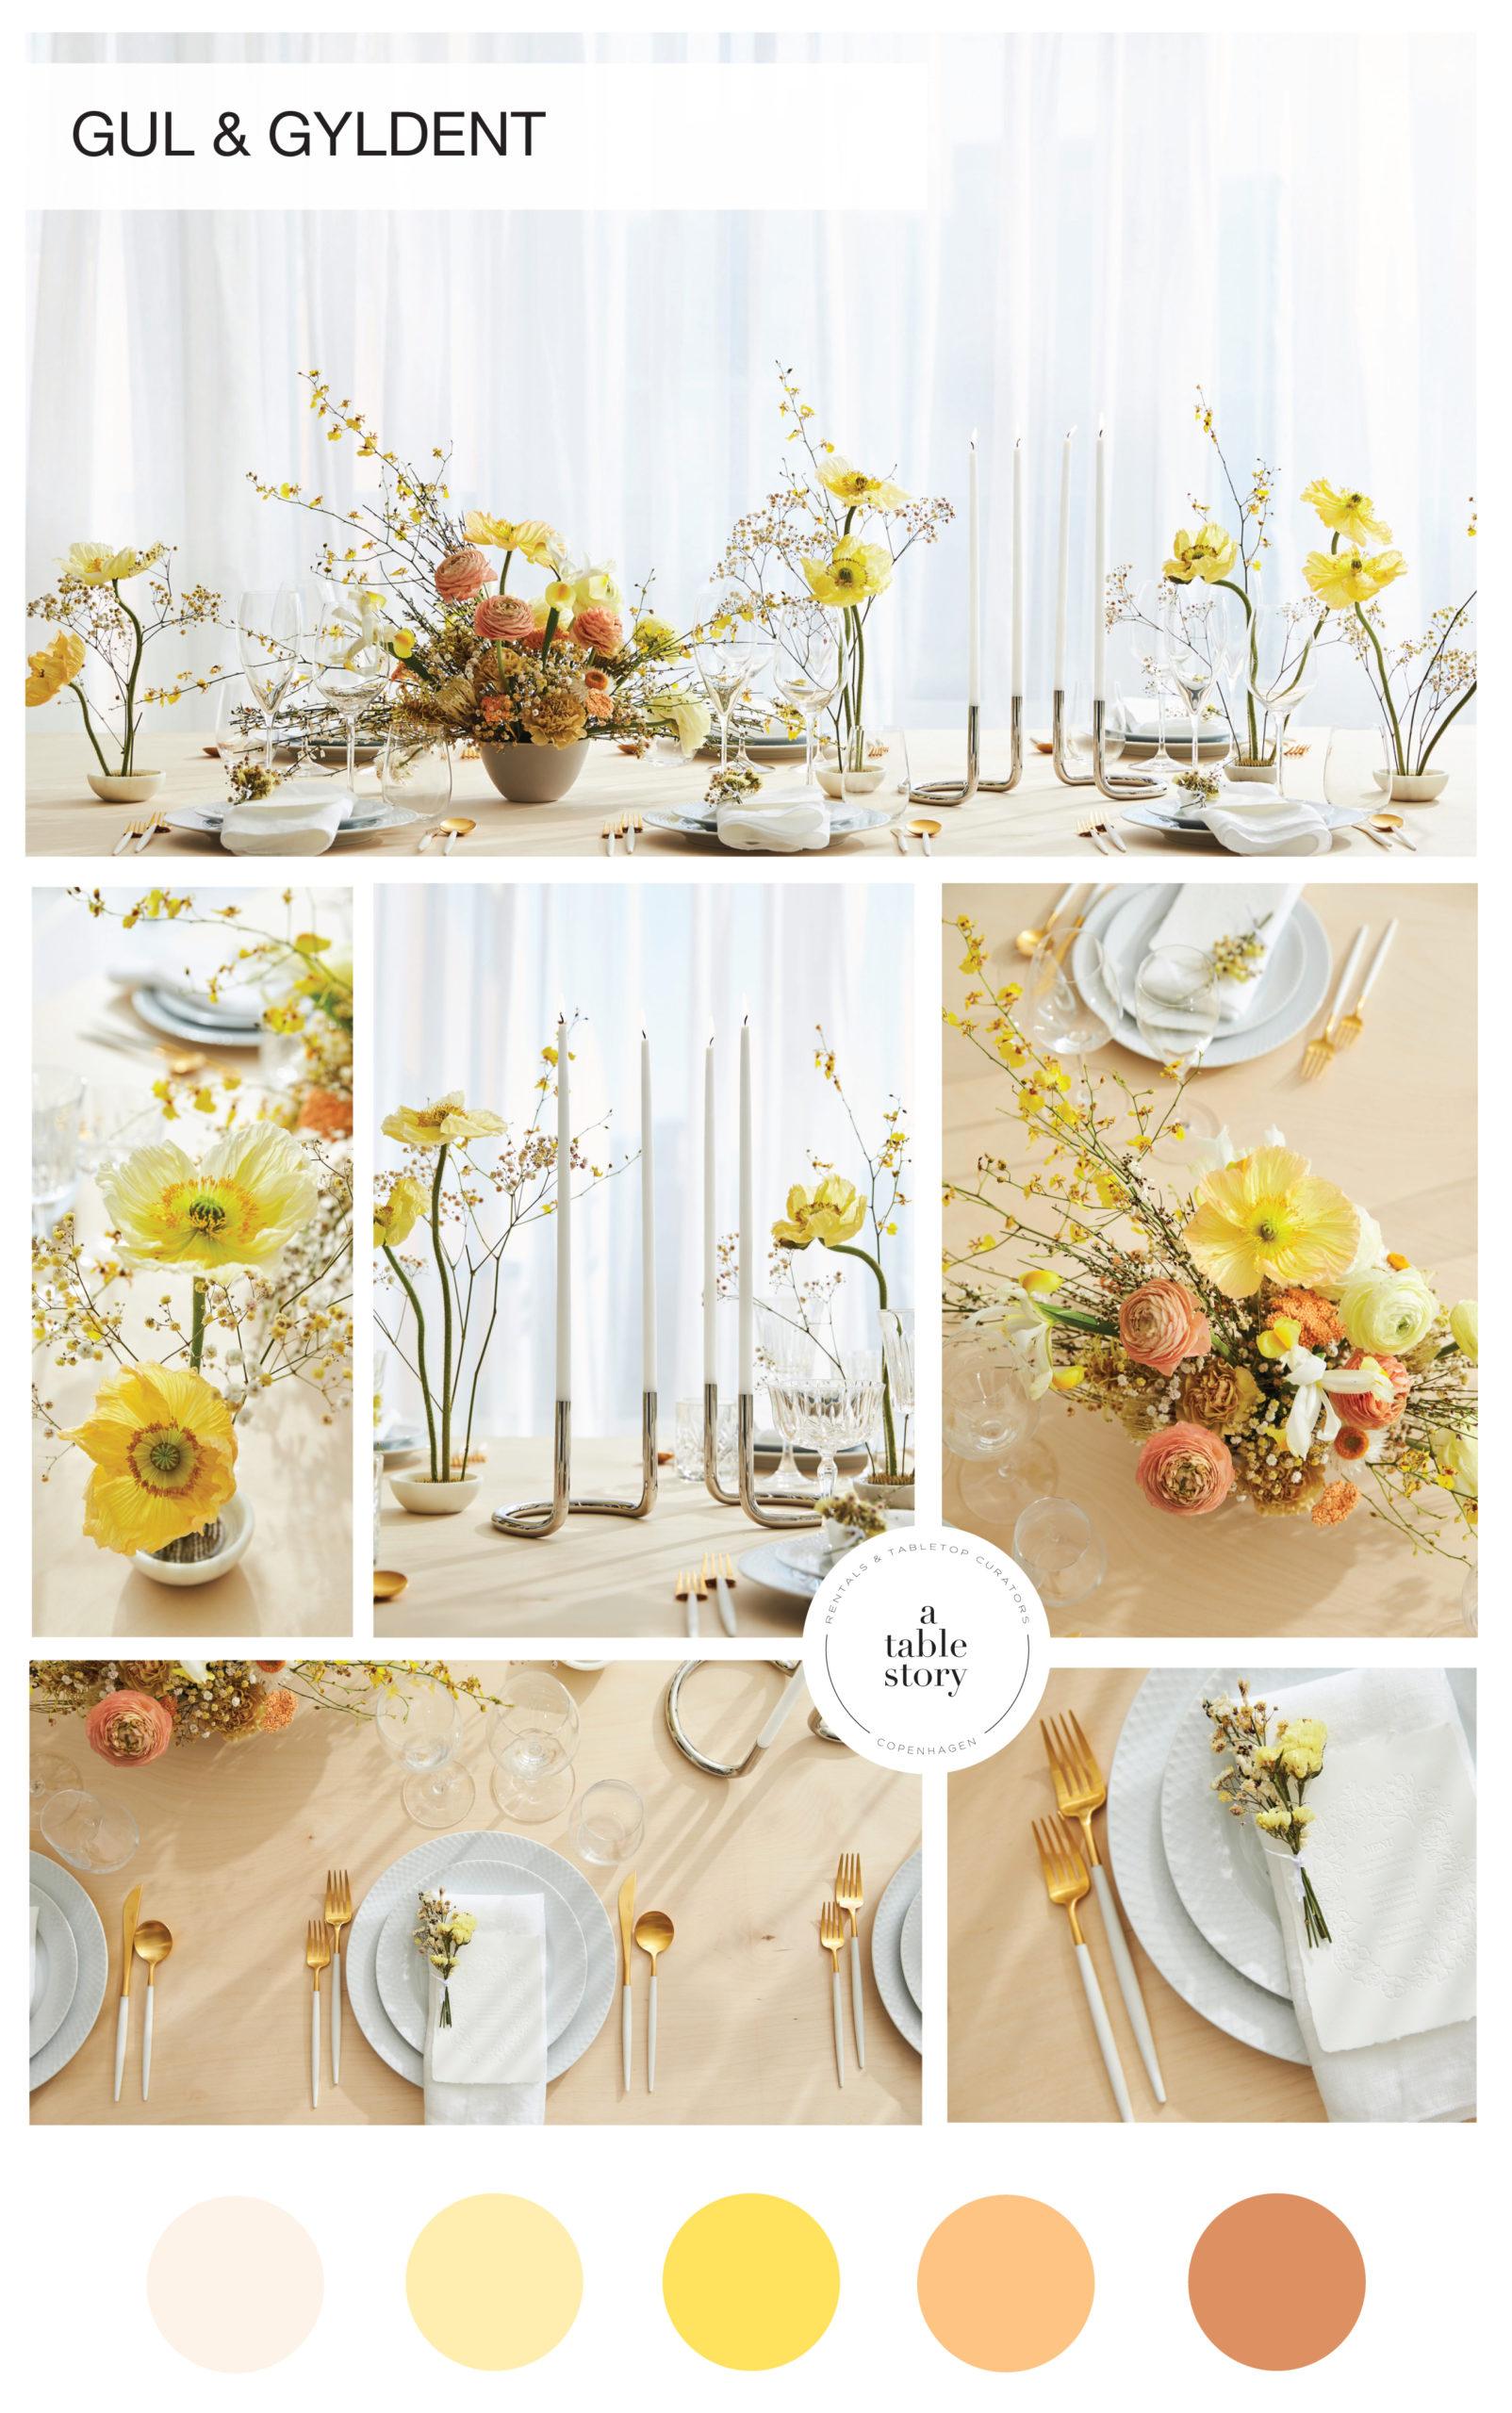 gul og gyldent_A table story